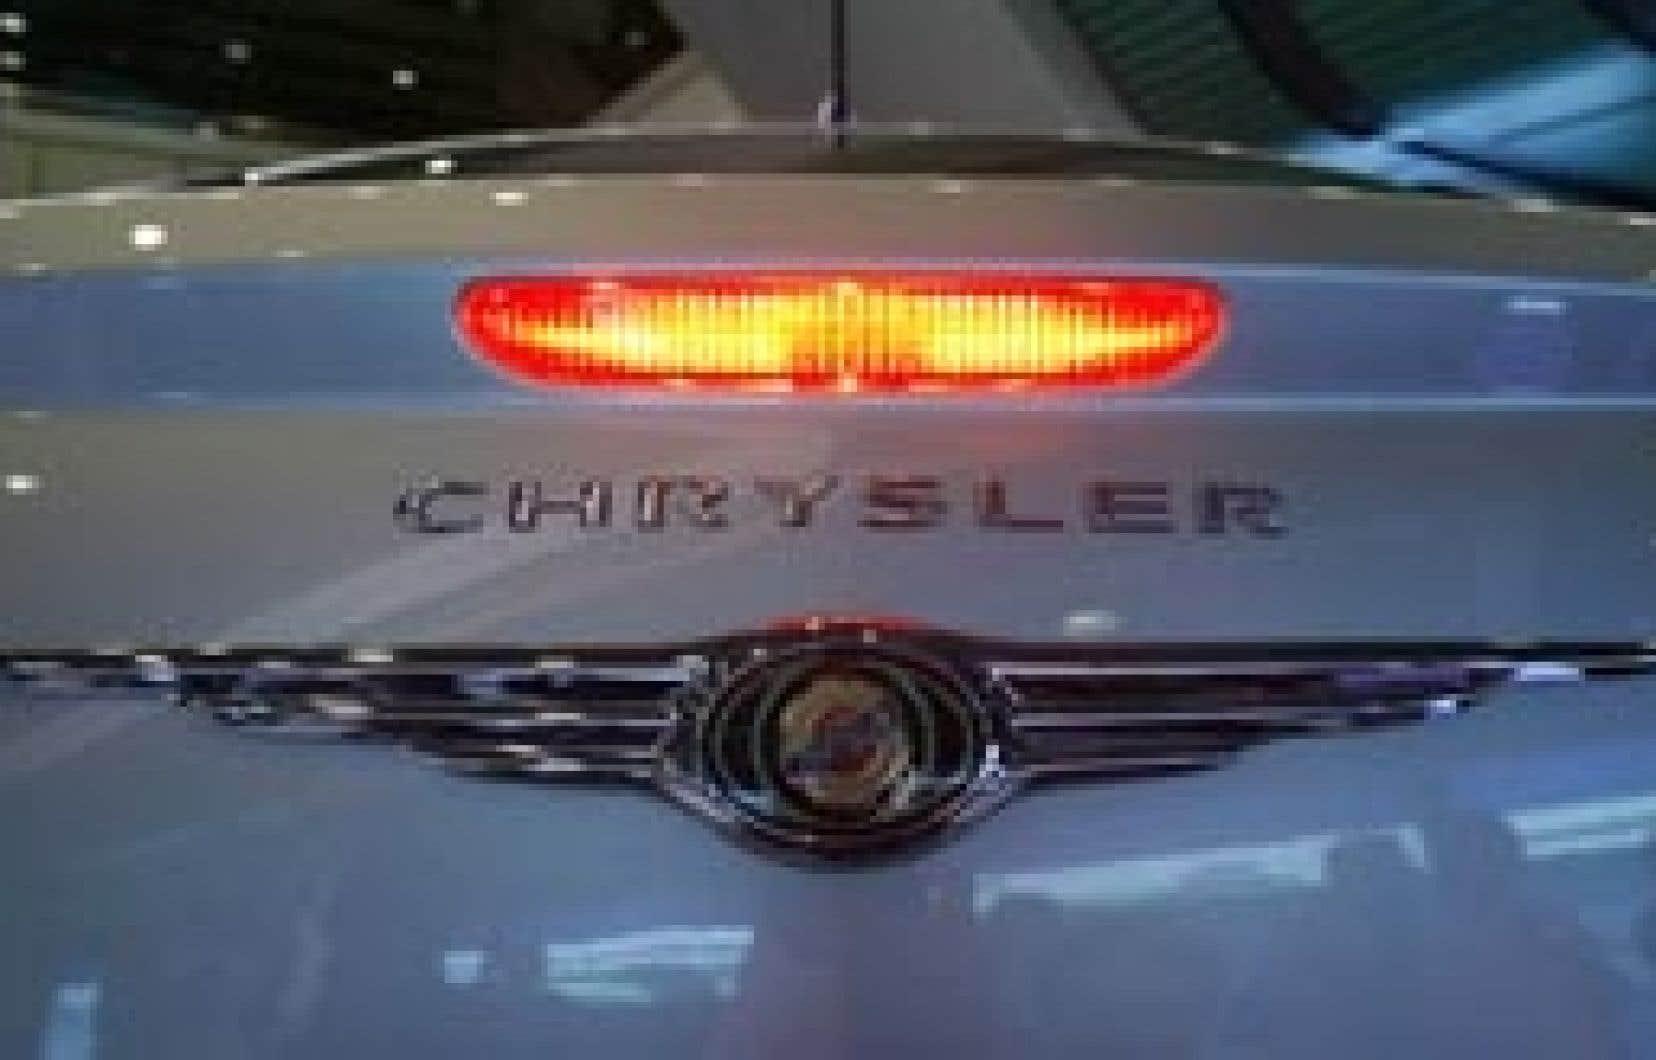 Chrysler mériterait de se faire botter le derrière hors du Canada une fois pour toutes, et c'est sans doute le sort de ses 10 000 travailleurs canadiens qui retient les gouvernements de le faire.